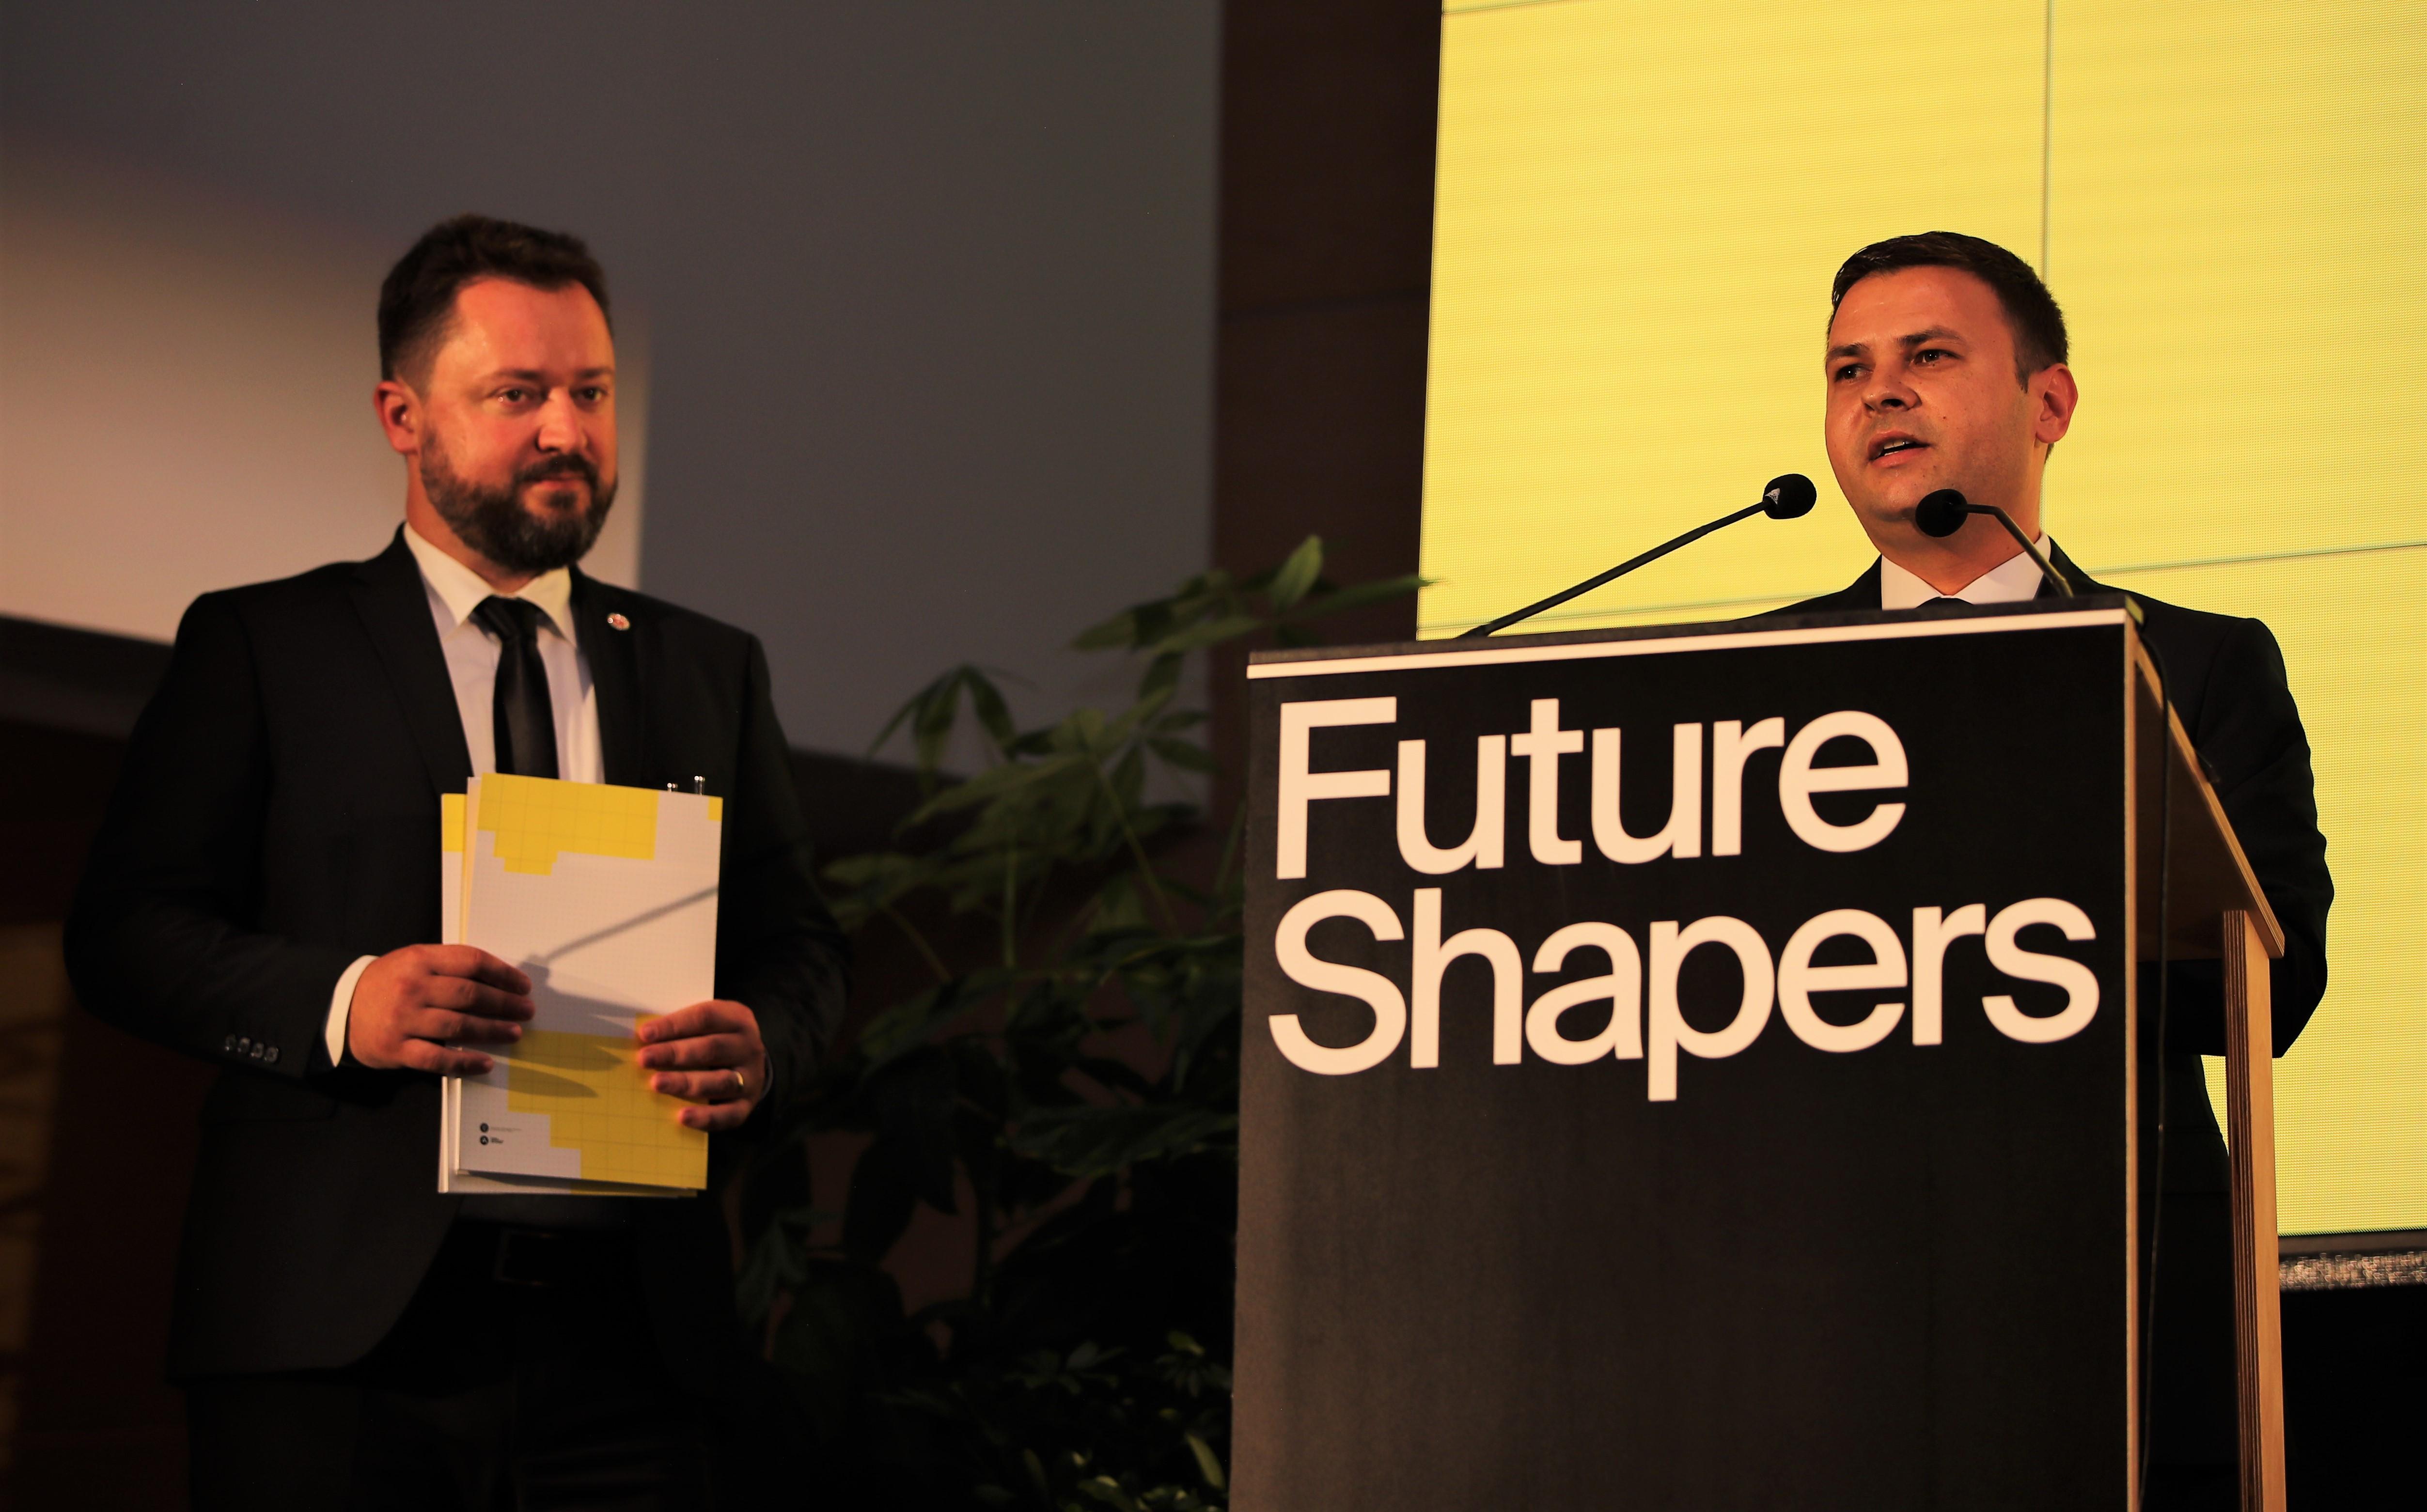 Declarație comună pentru dezvoltarea unei politici publice  naționale de arhitectură